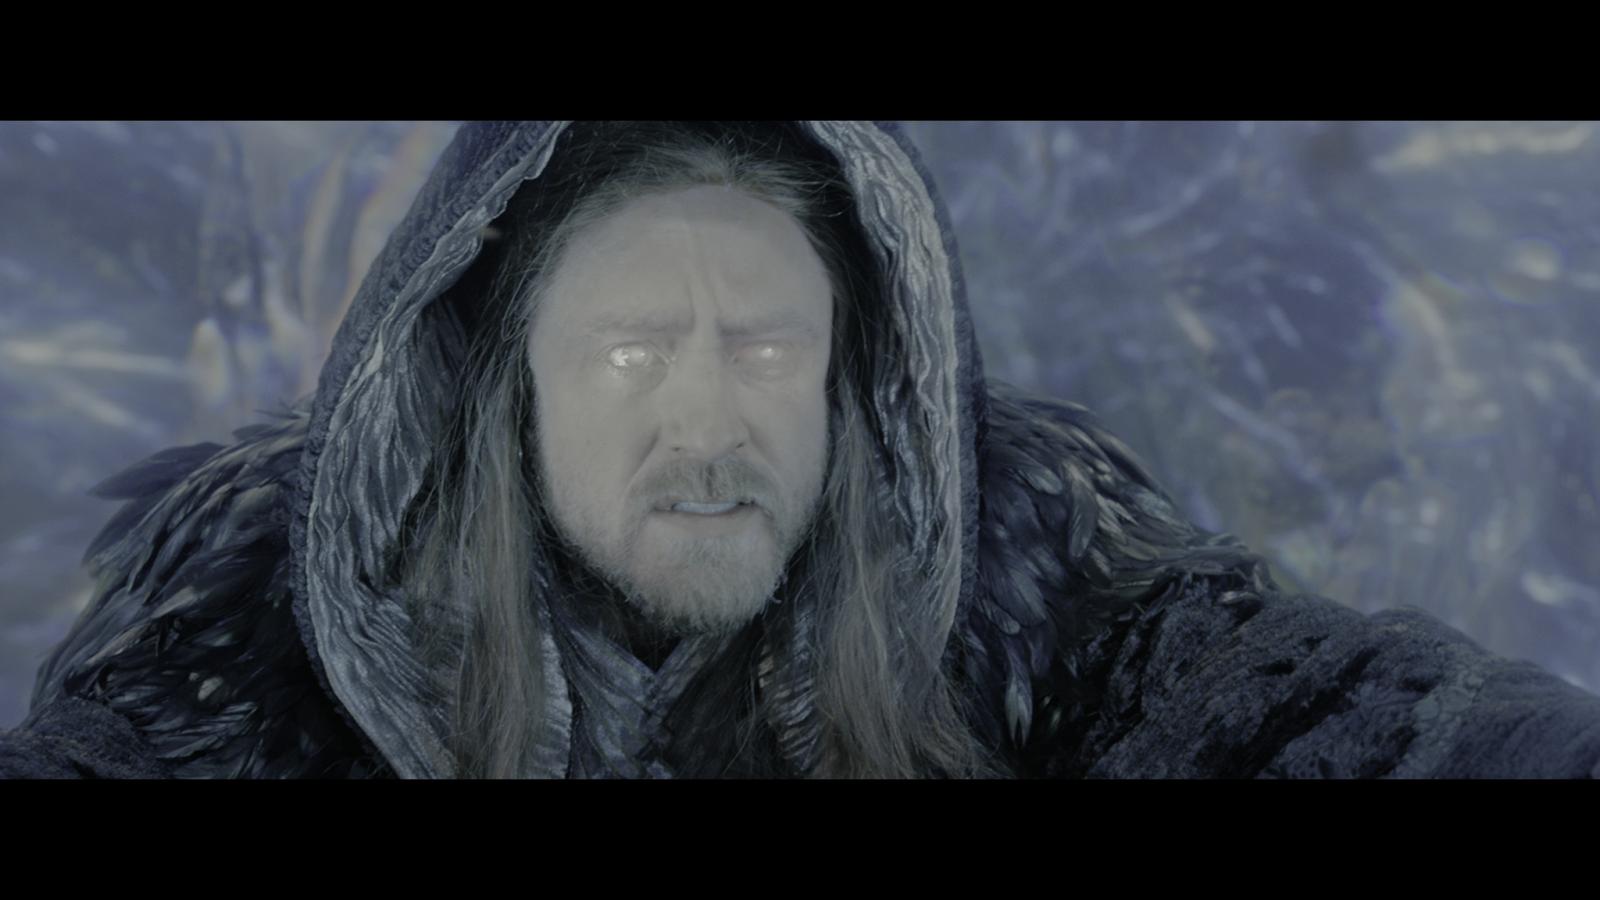 Warcraft: El Primer Encuentro de dos Mundos (2016) 4K UHD [HDR] Blu-Ray Completo captura 2